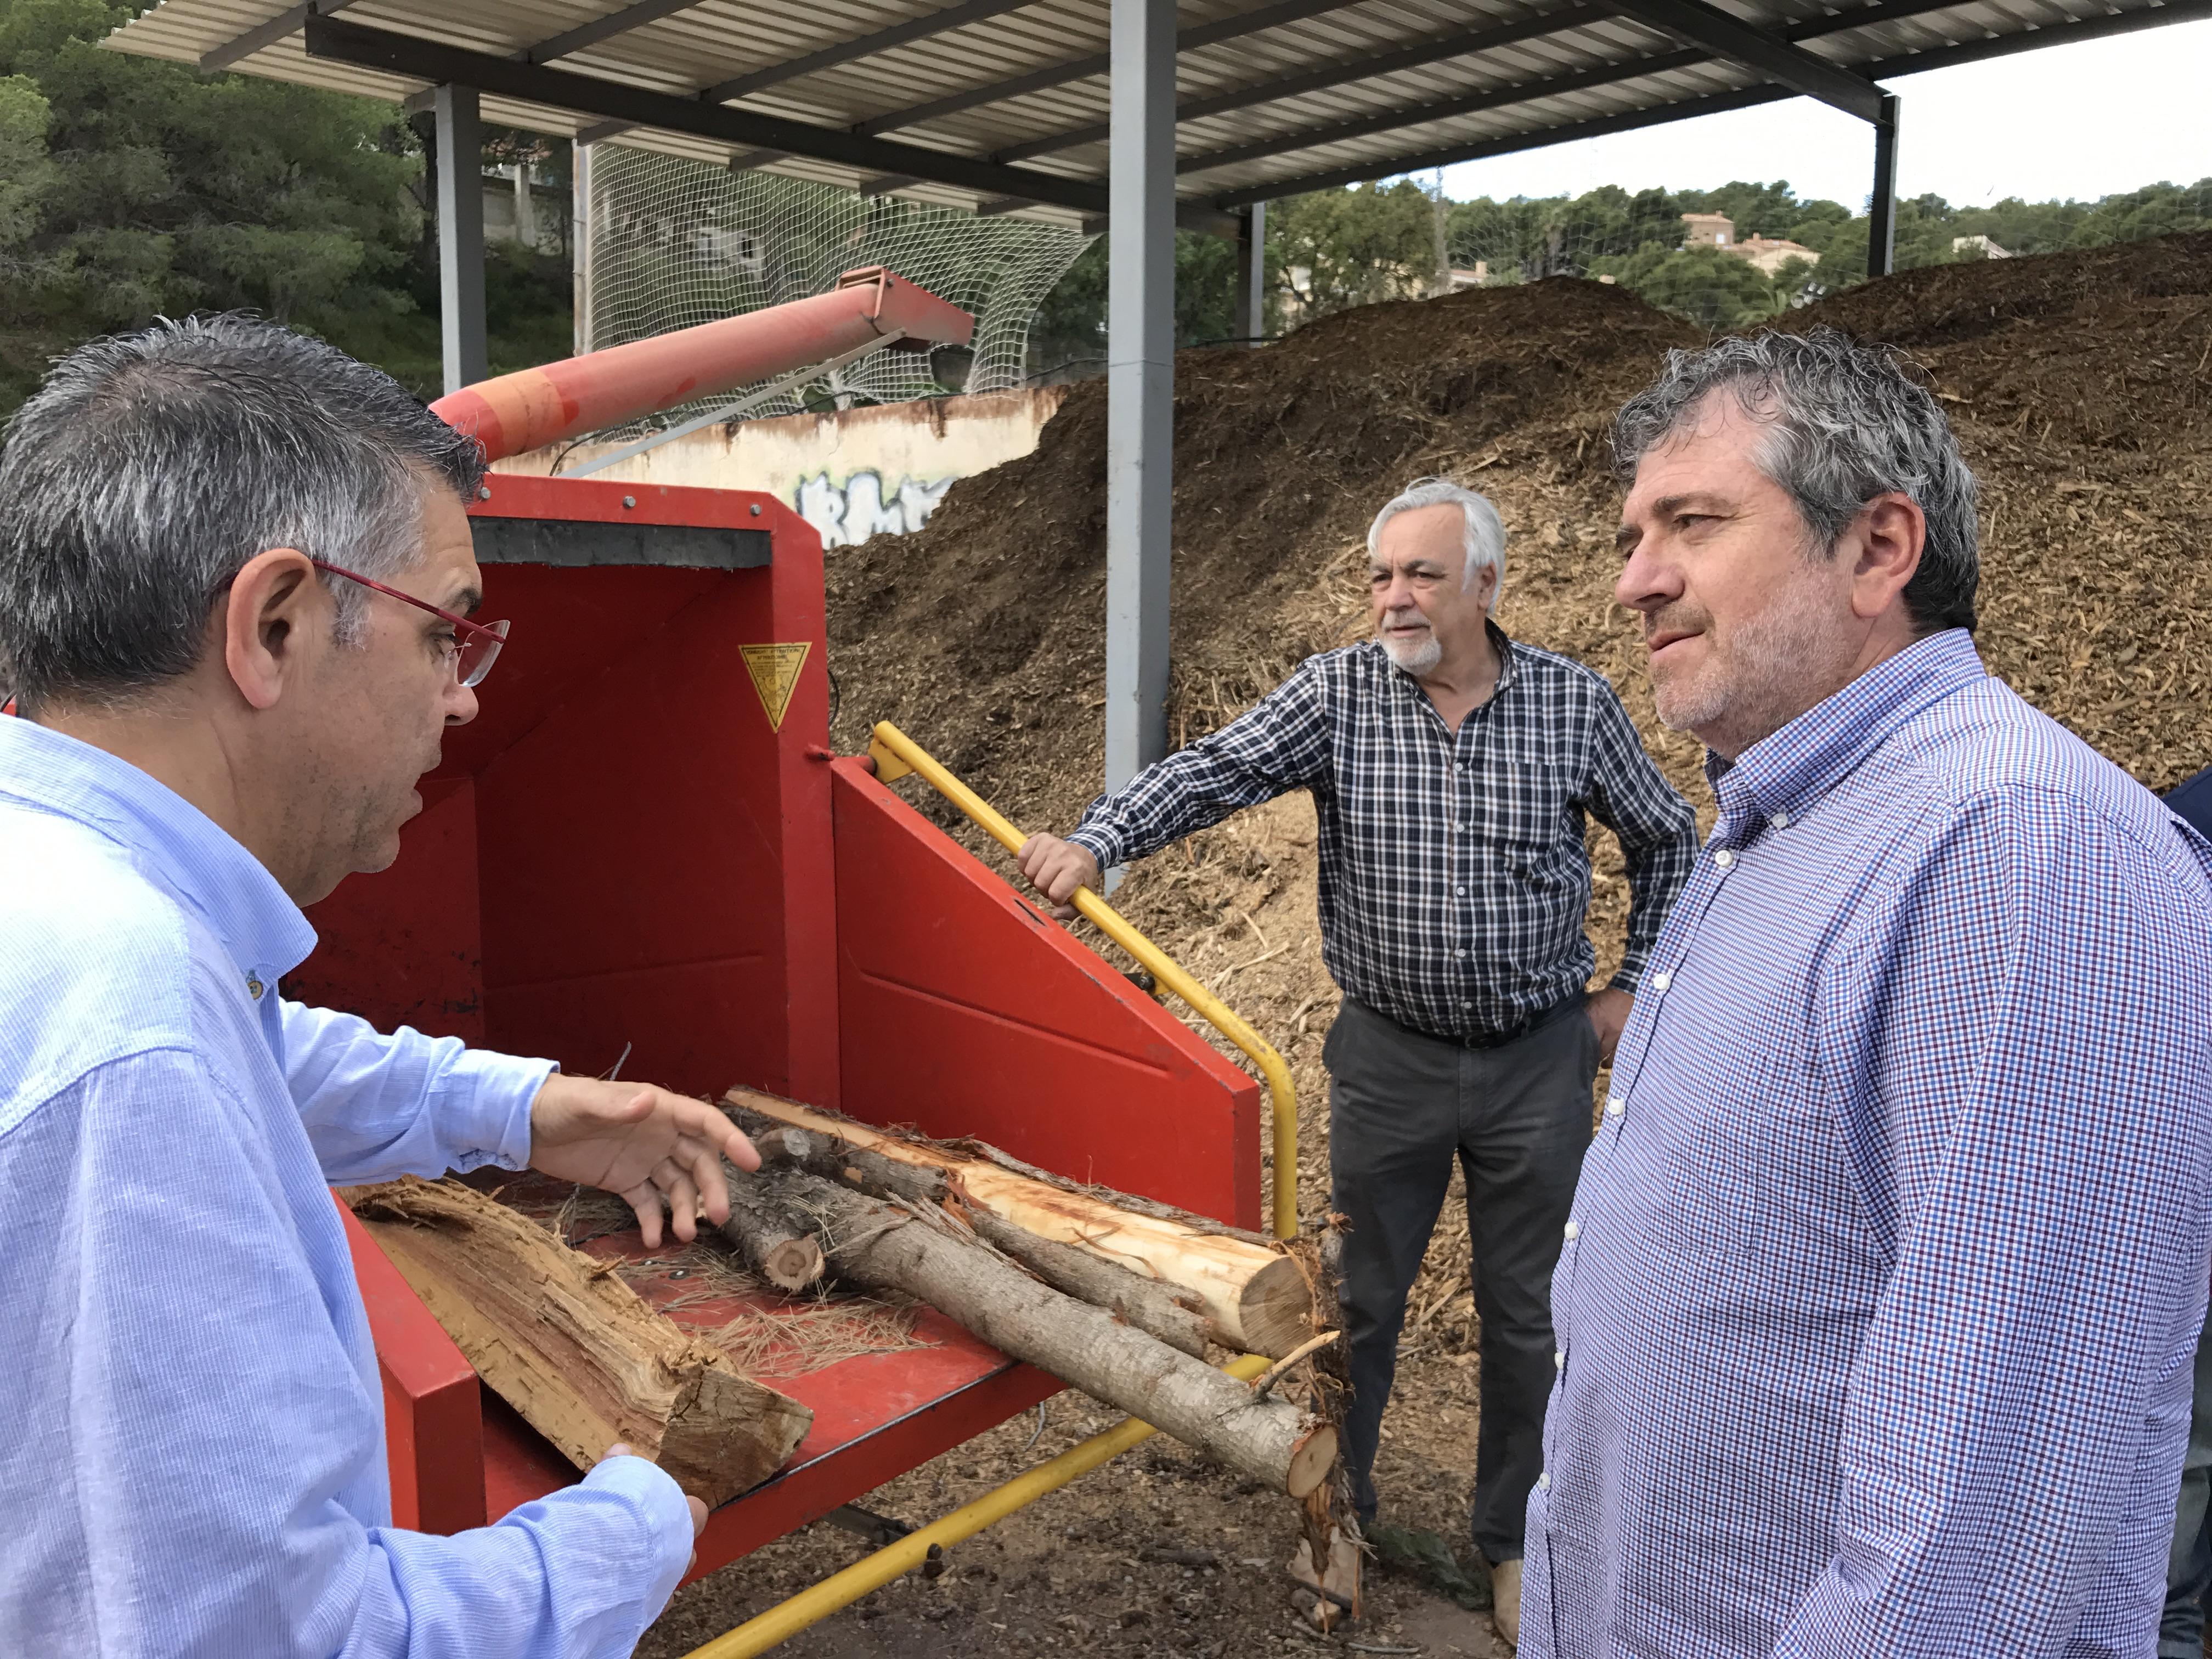 El diputado Josep Bort visita Serra para conocer el programa de gestión de la biomasa forestal y agrícola.